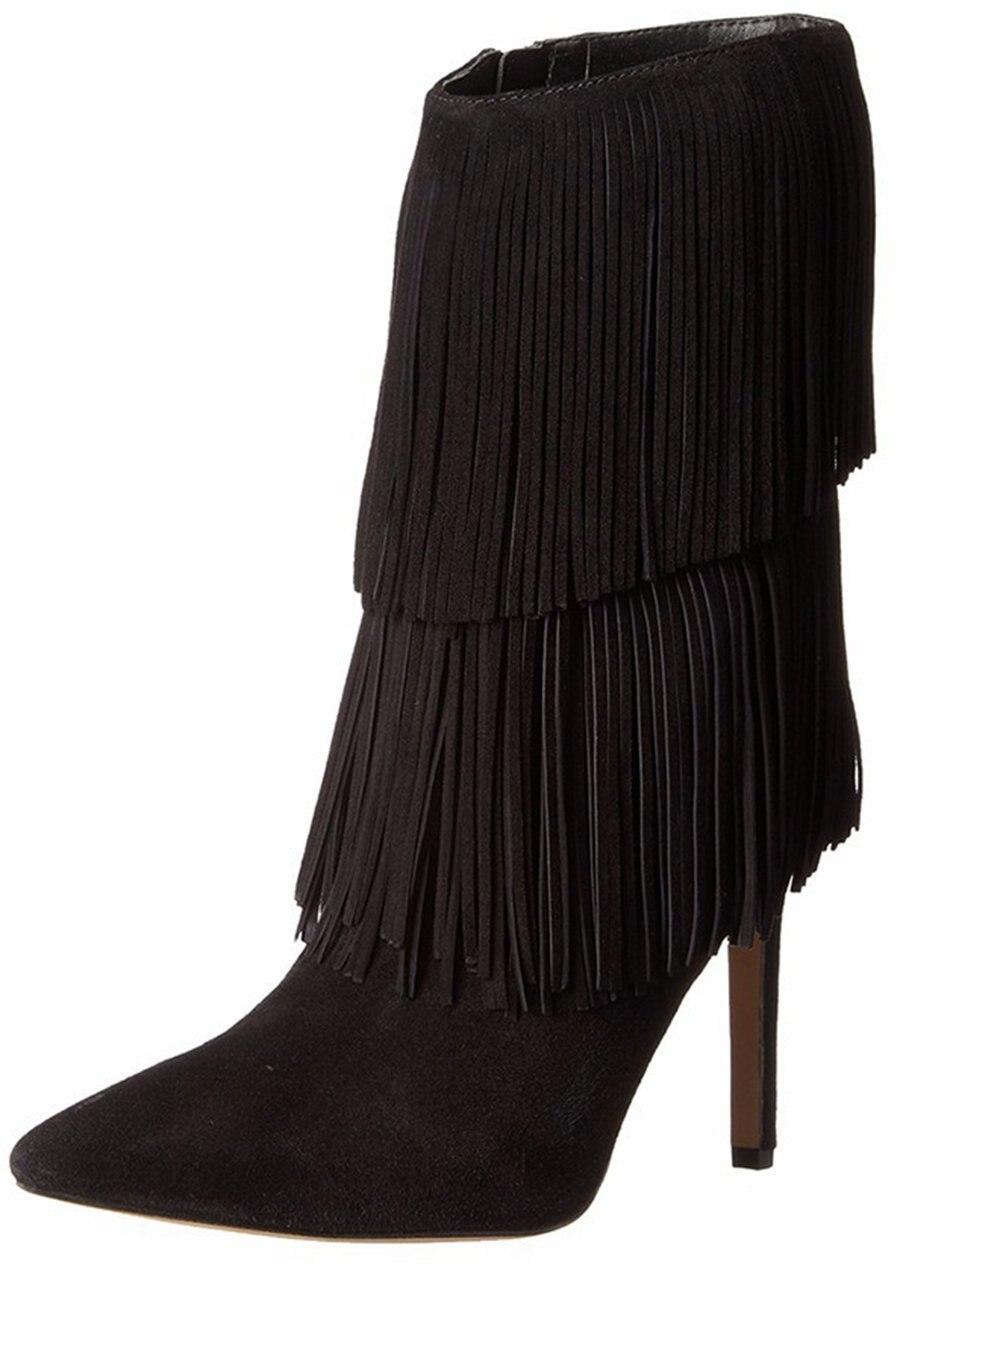 6ba22eb78 2016 Nova moda Apontou toe zíper Mulheres Sapatos stiletto salto Alto botas  de inverno borla mulheres Franjas personalizar bombas big size15